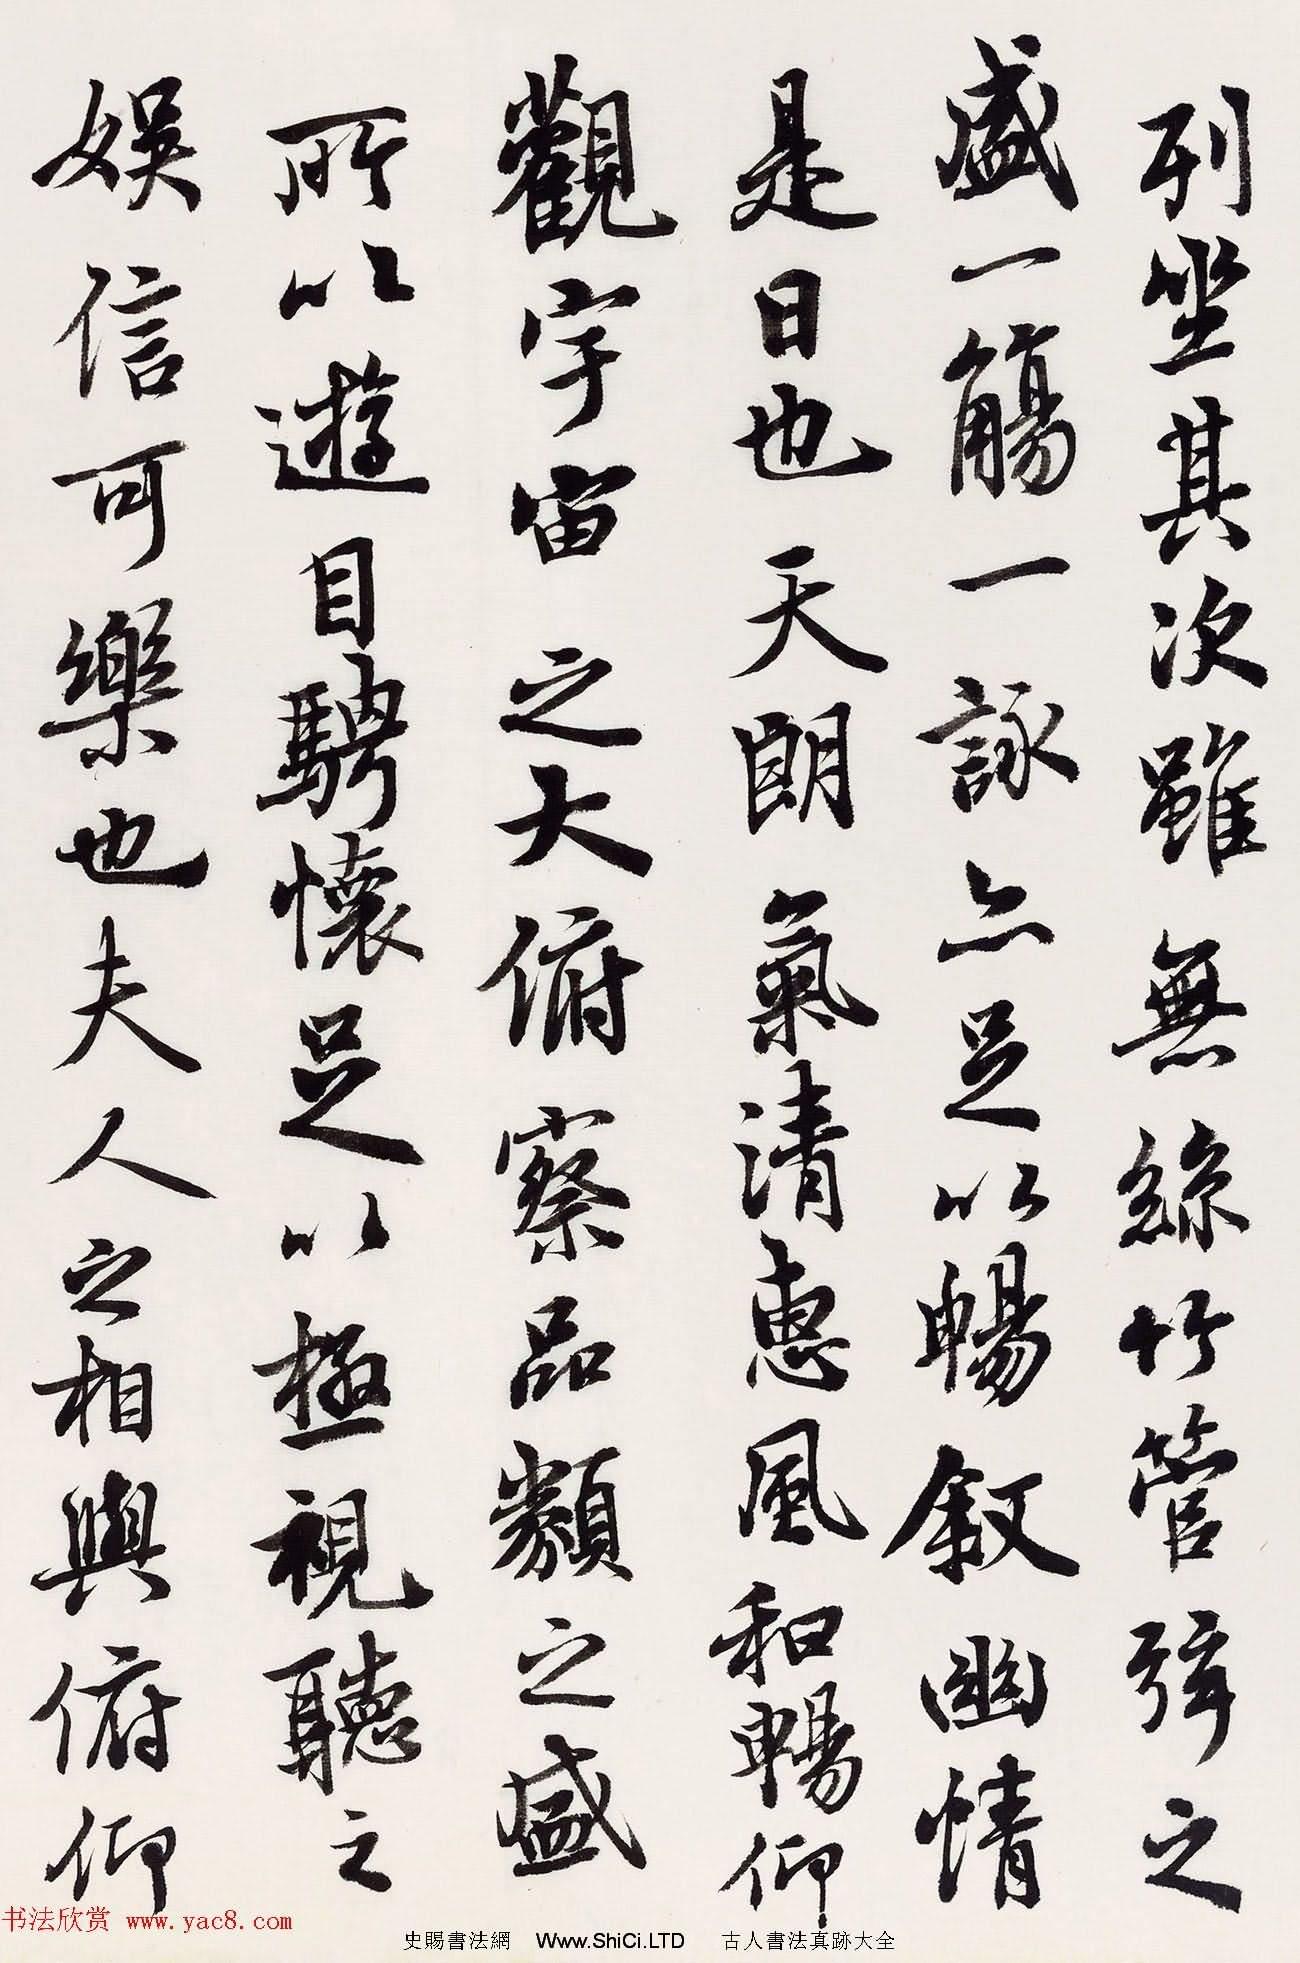 著名書法家曹寶麟臨蘭亭序大圖欣賞